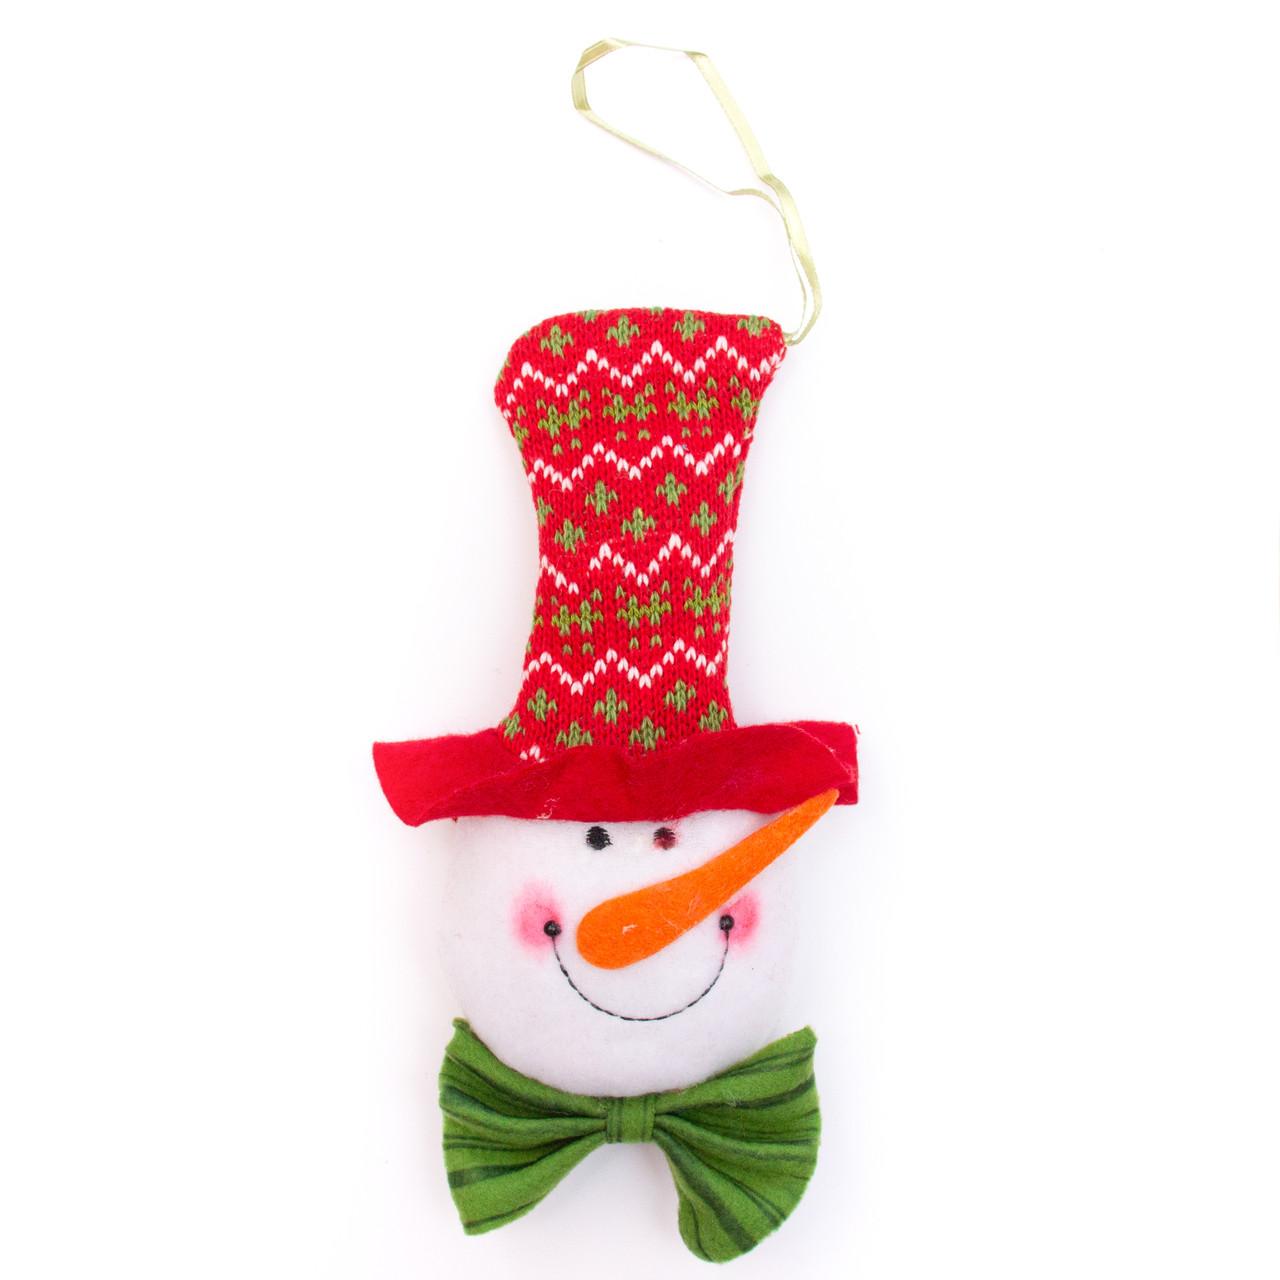 Елочная игрушка из ткани, Снеговик, 20см (430482-2)